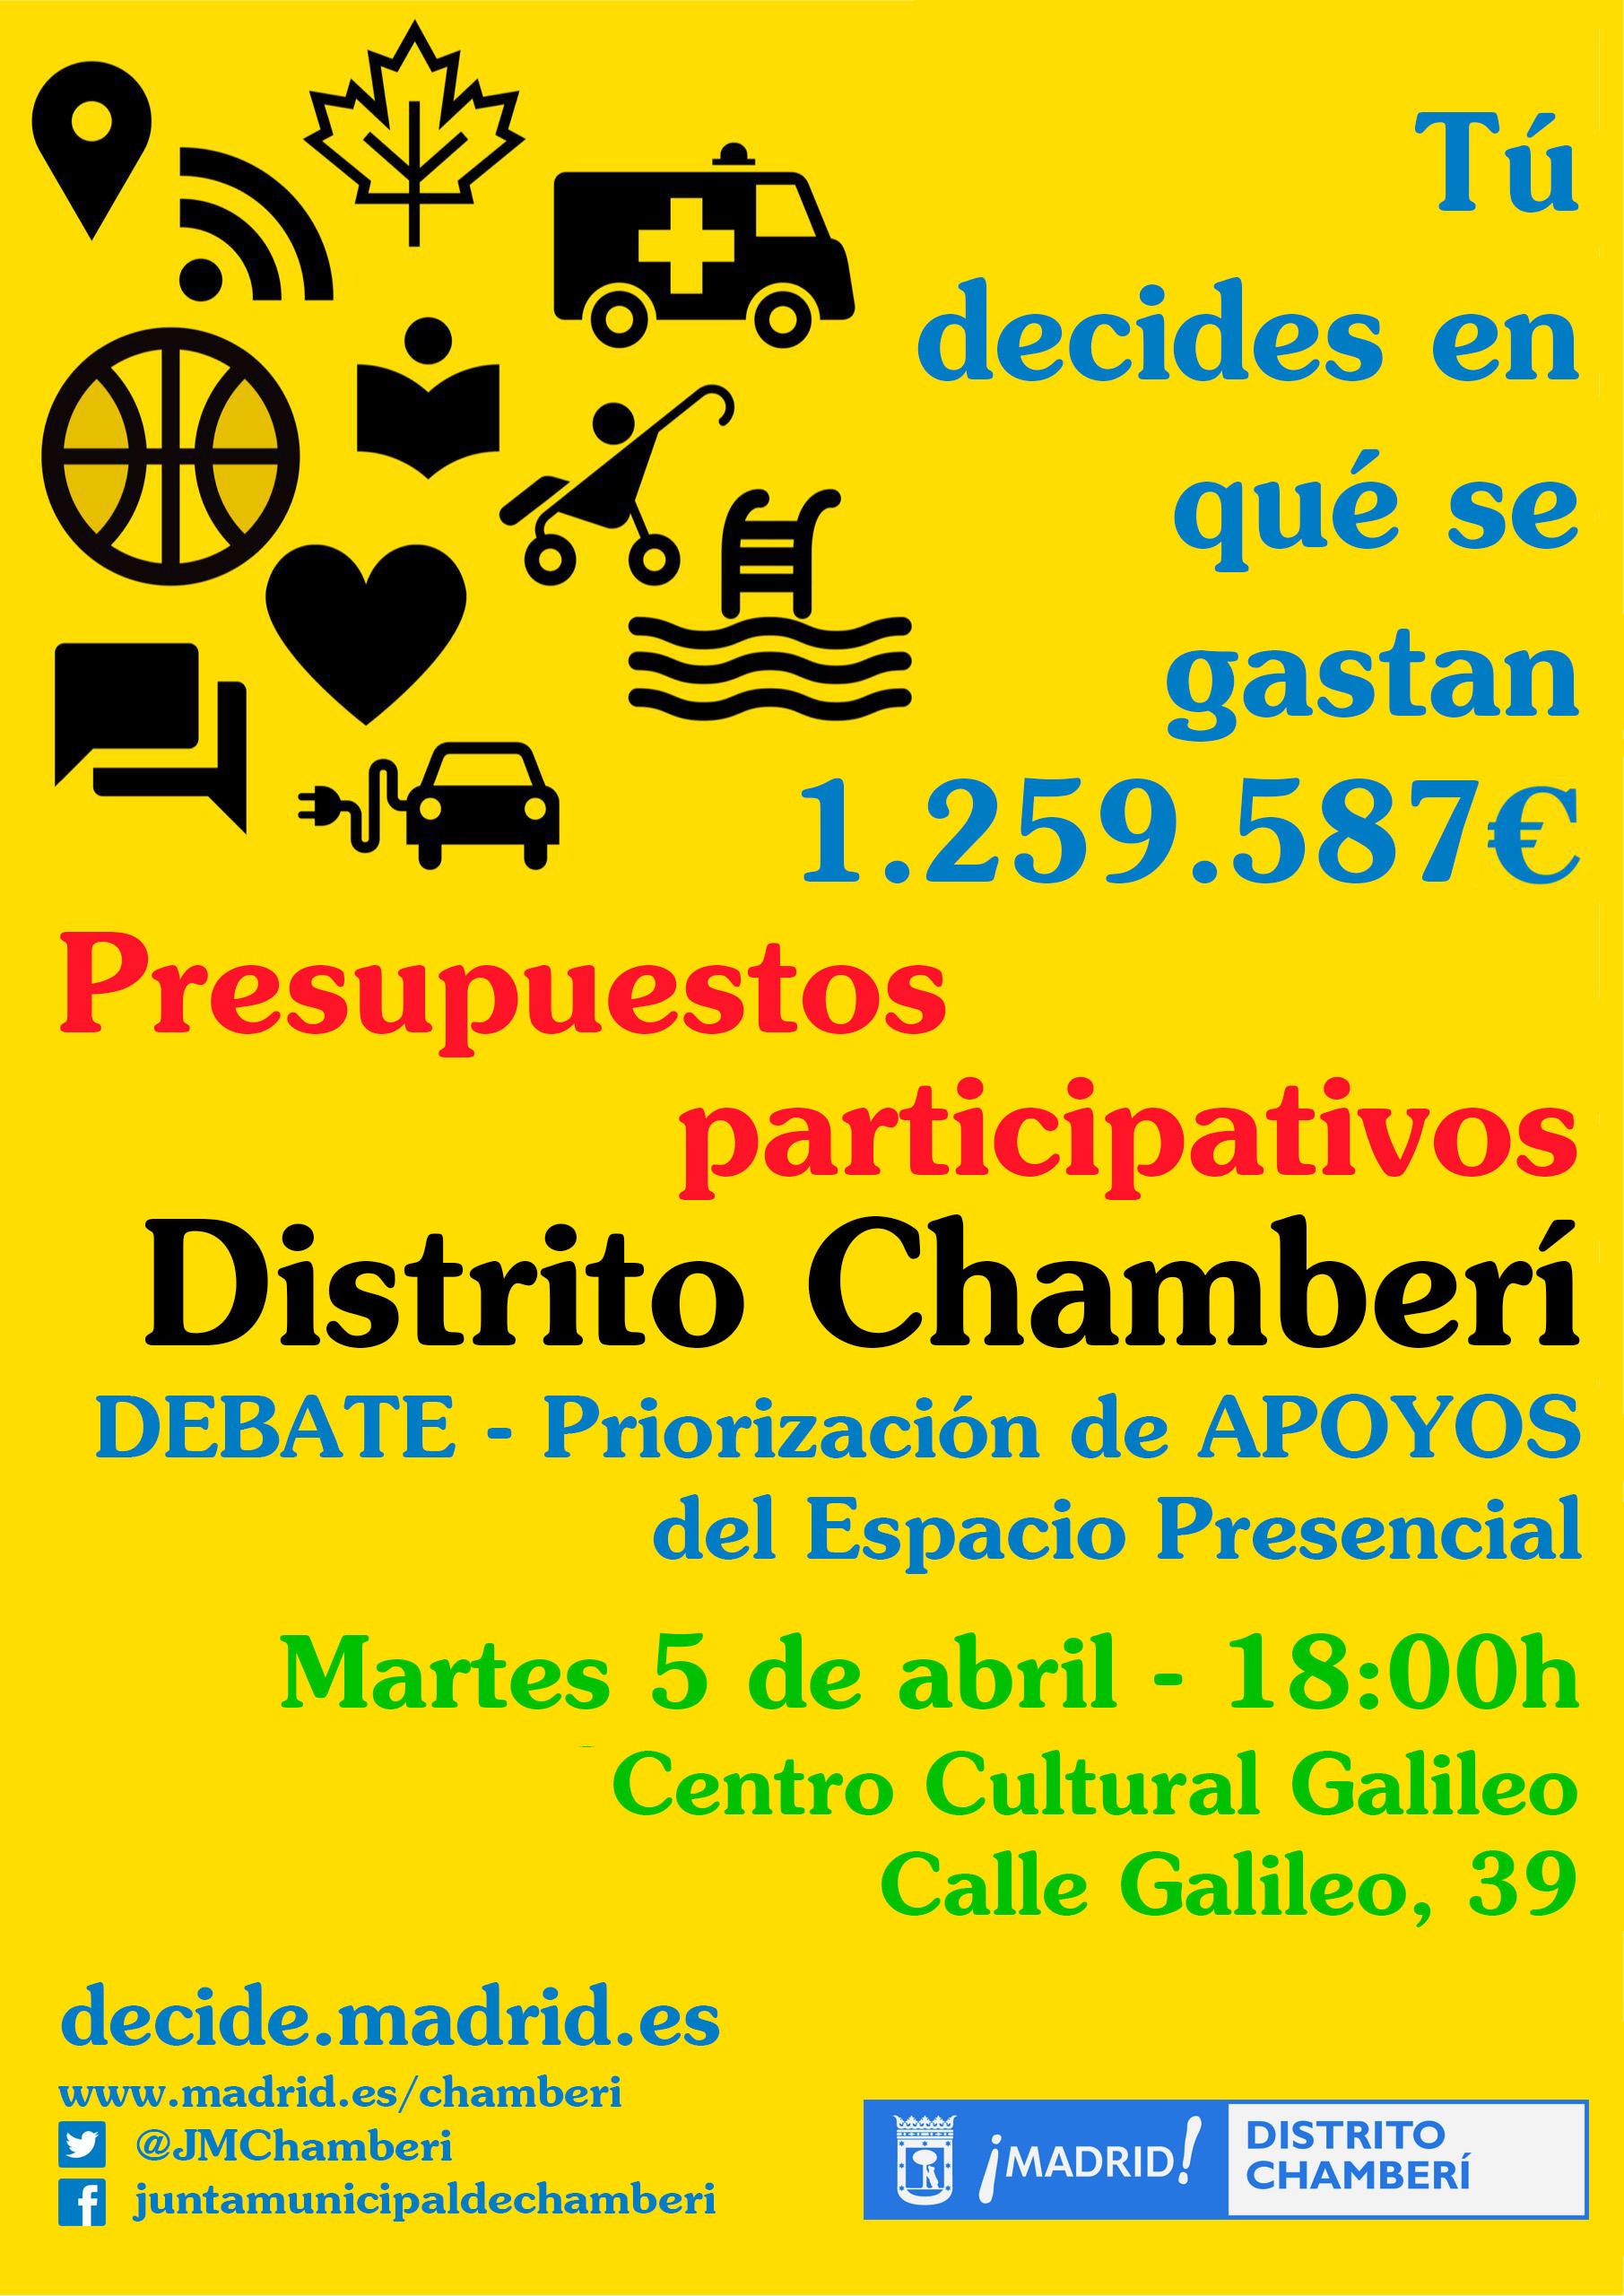 Presupuestos participativos en Chamberí. Se inicia la fase de apoyos. ¡Participa!